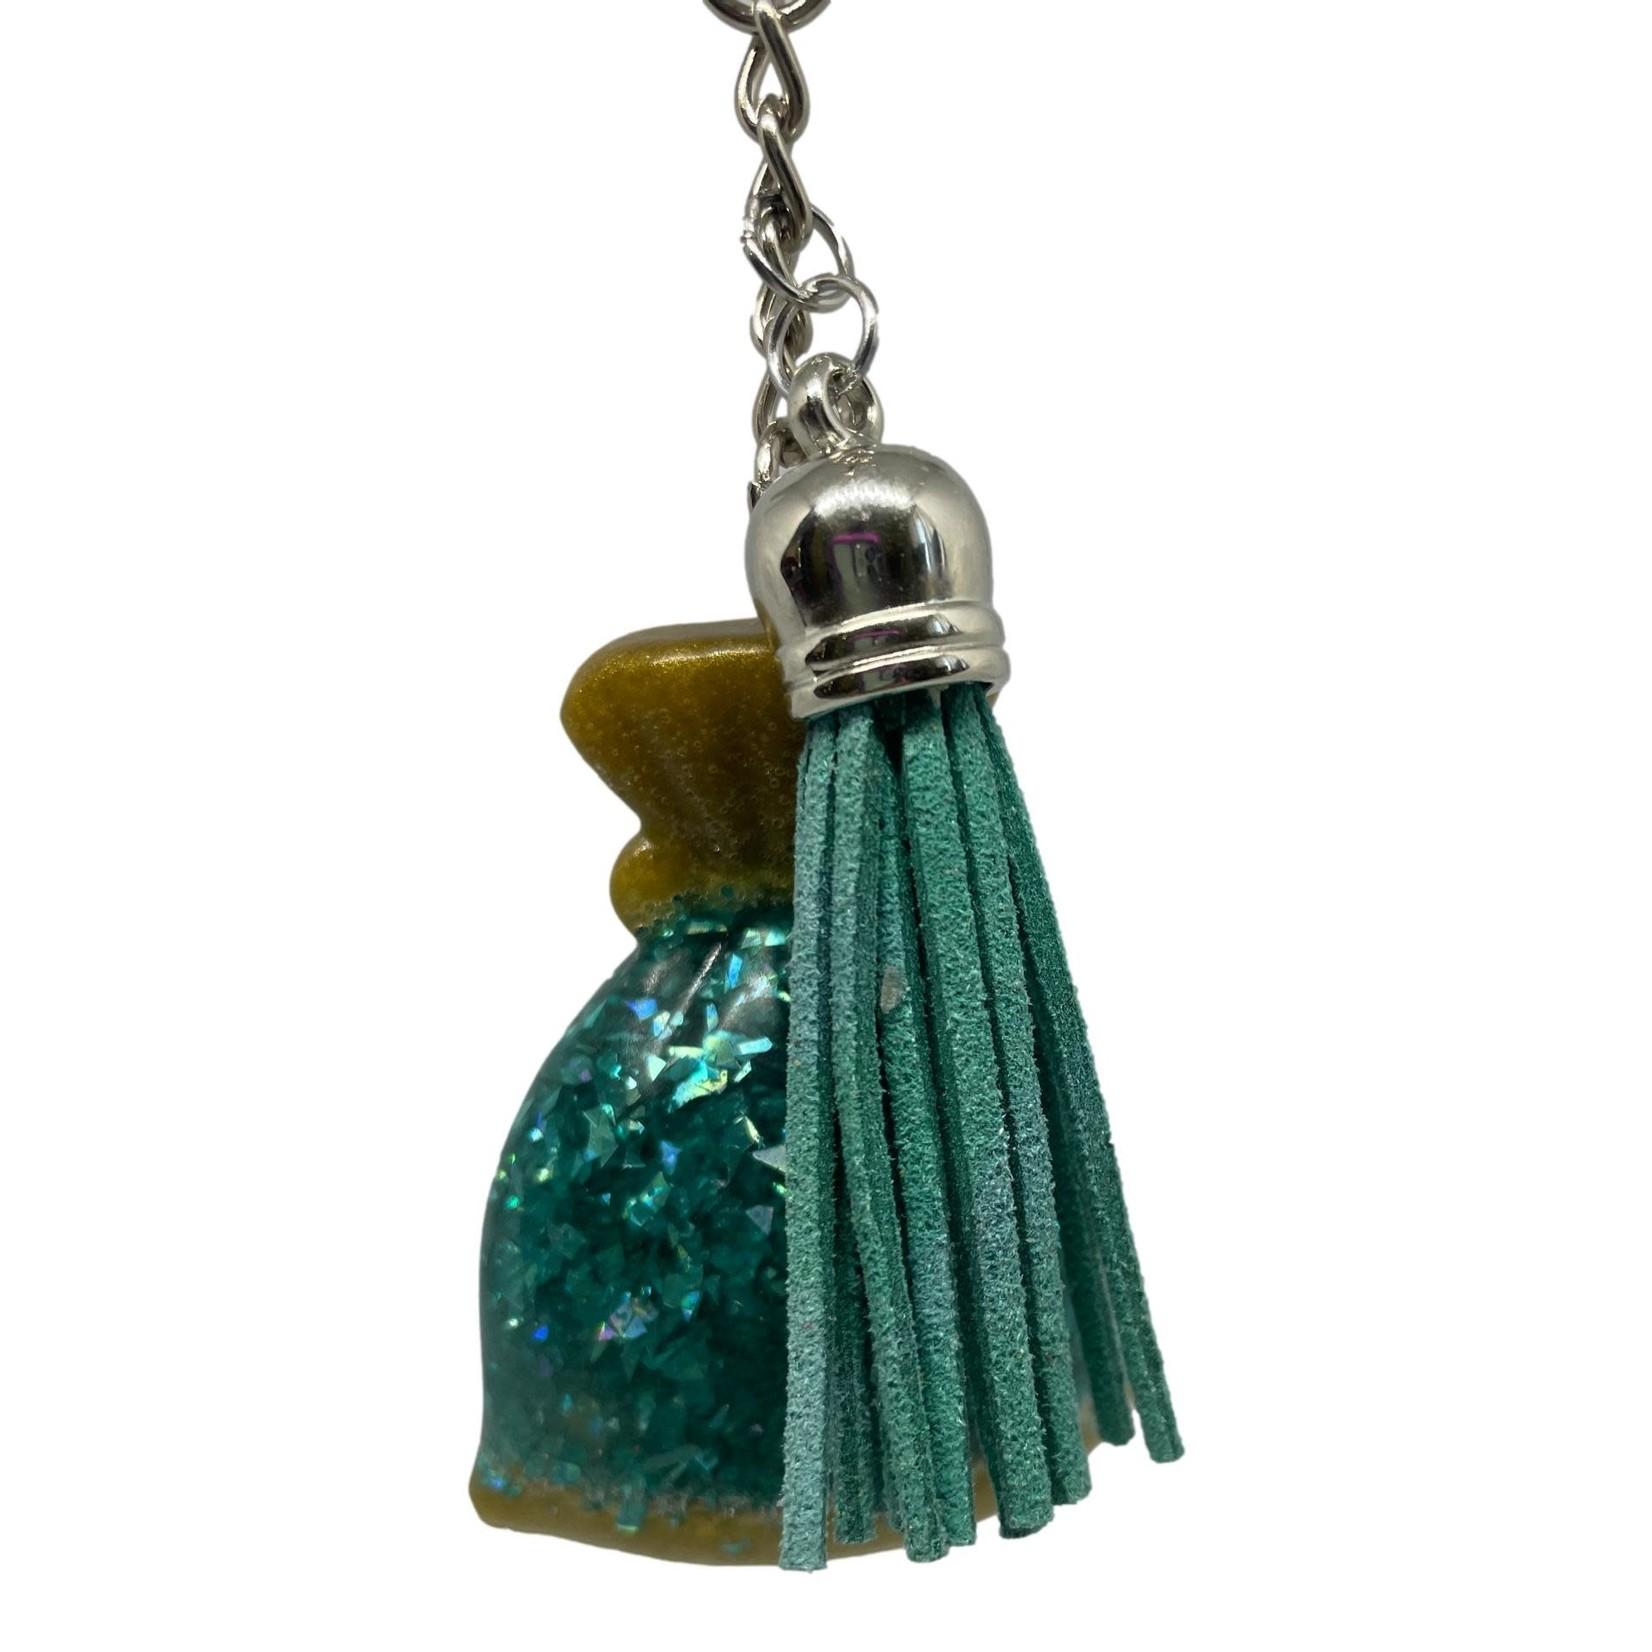 East Coast Sirens Sea Glitter in a Bag Key Chain